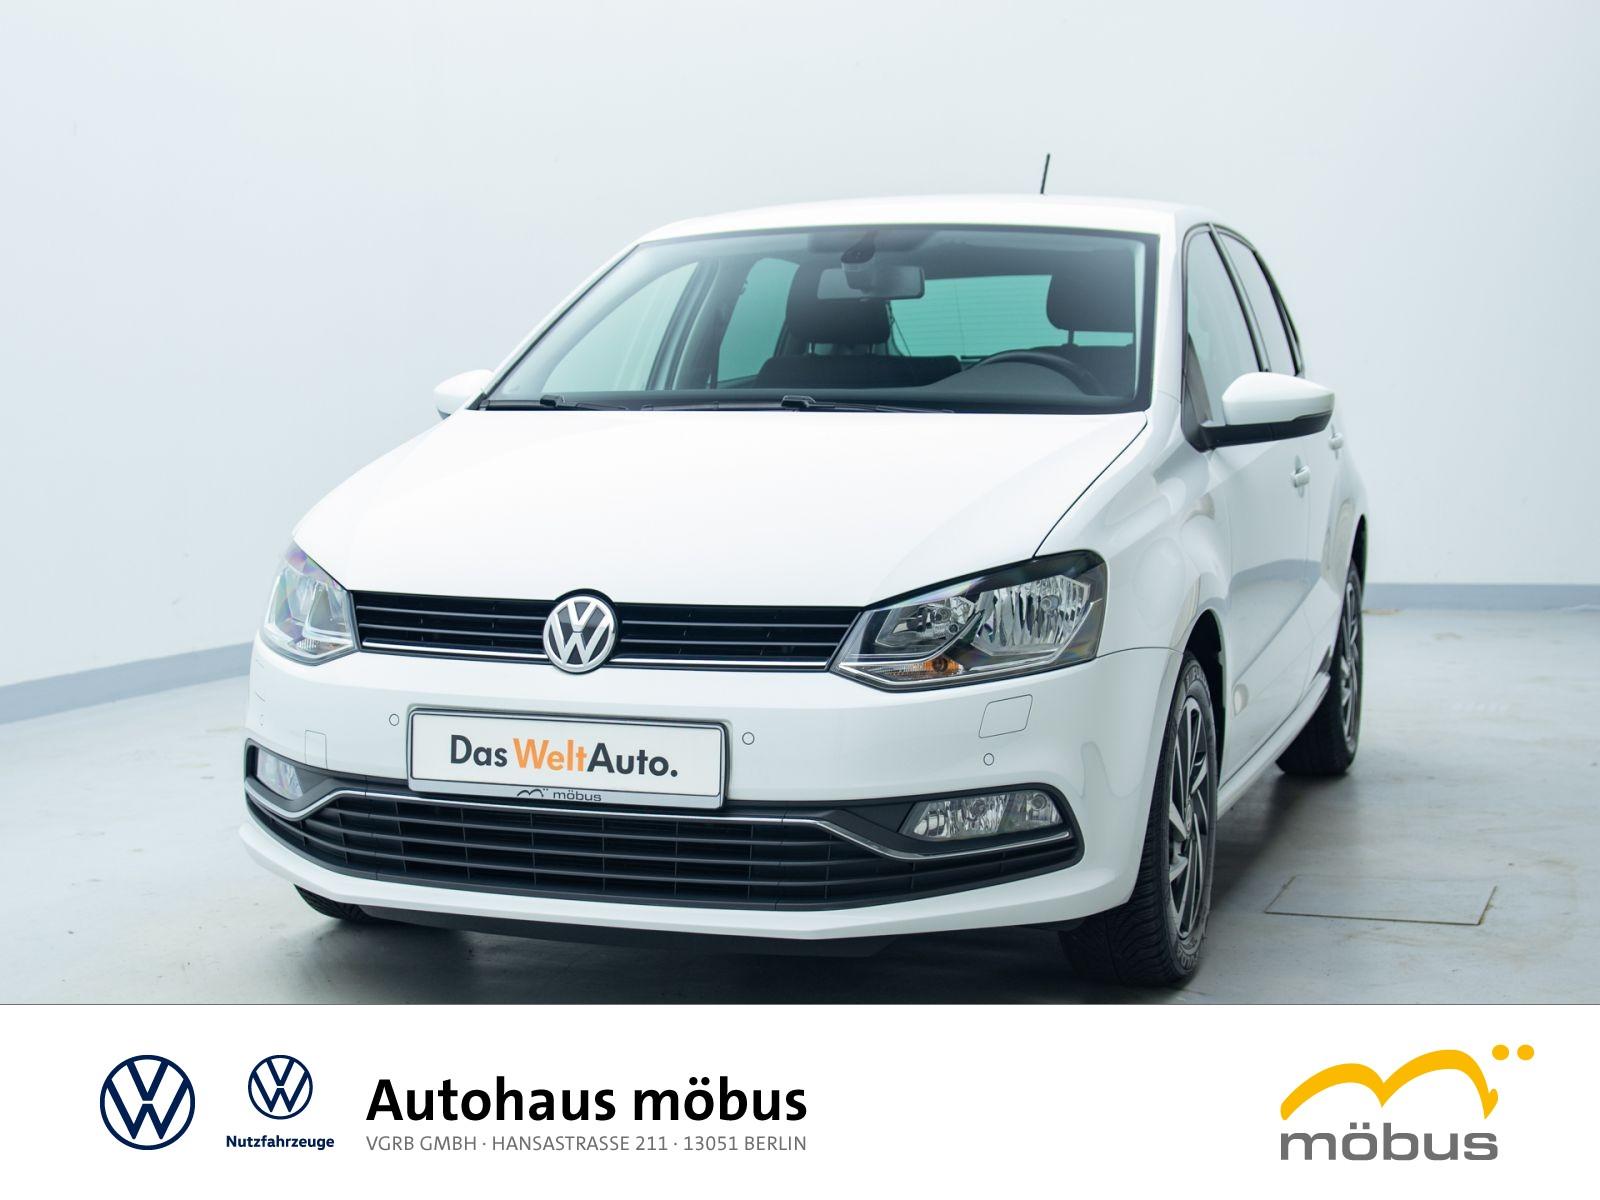 Volkswagen Polo 1.2 TSI*SOUND**KLIMA*GRA*GANZJAHRESREIFEN**, Jahr 2017, Benzin